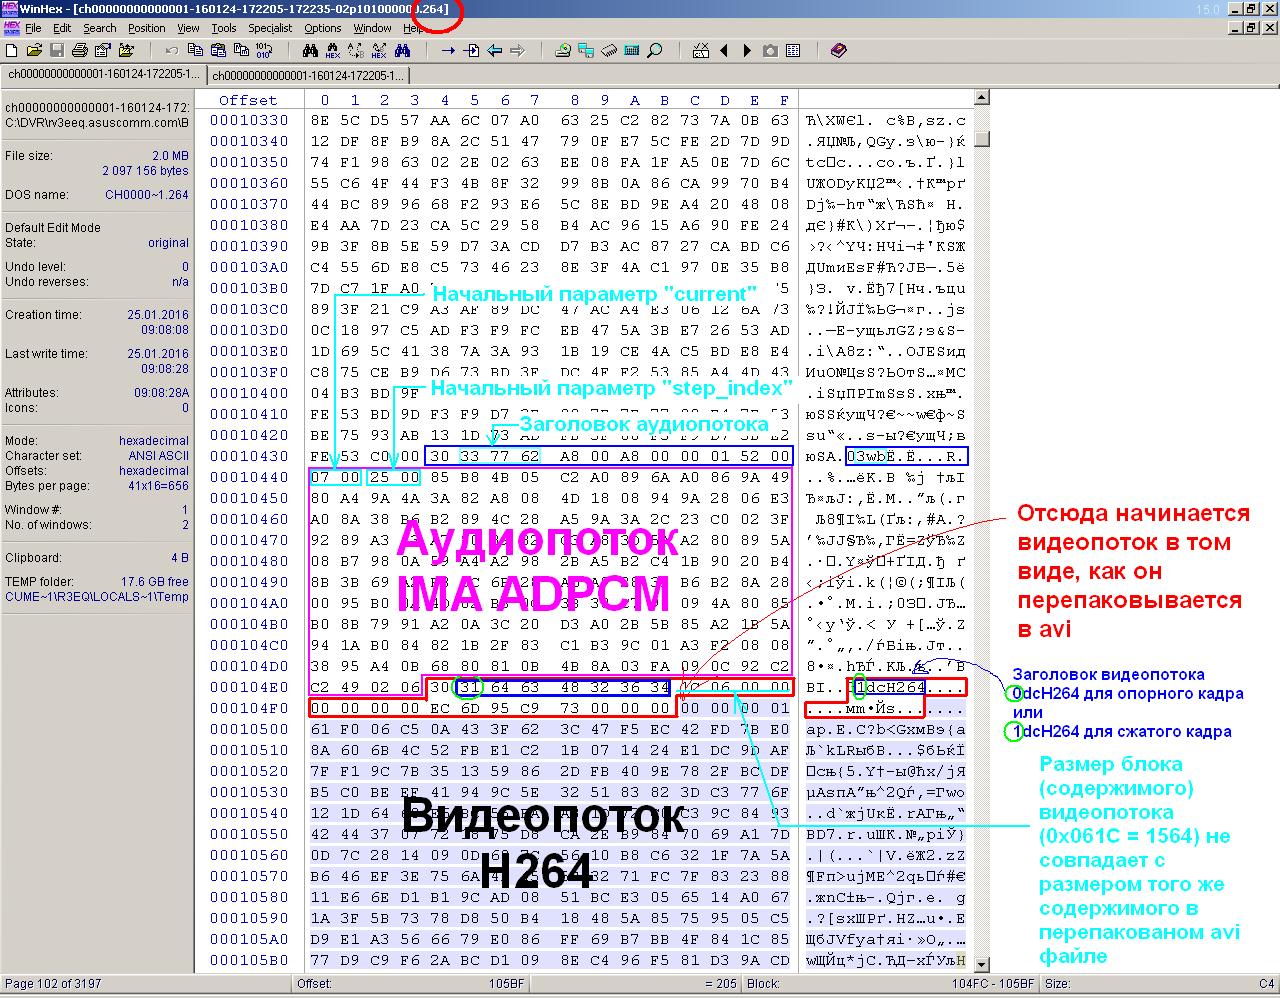 Разработка конвертера видео из 264 в avi для видеорегистратора QCM-08DL - 37